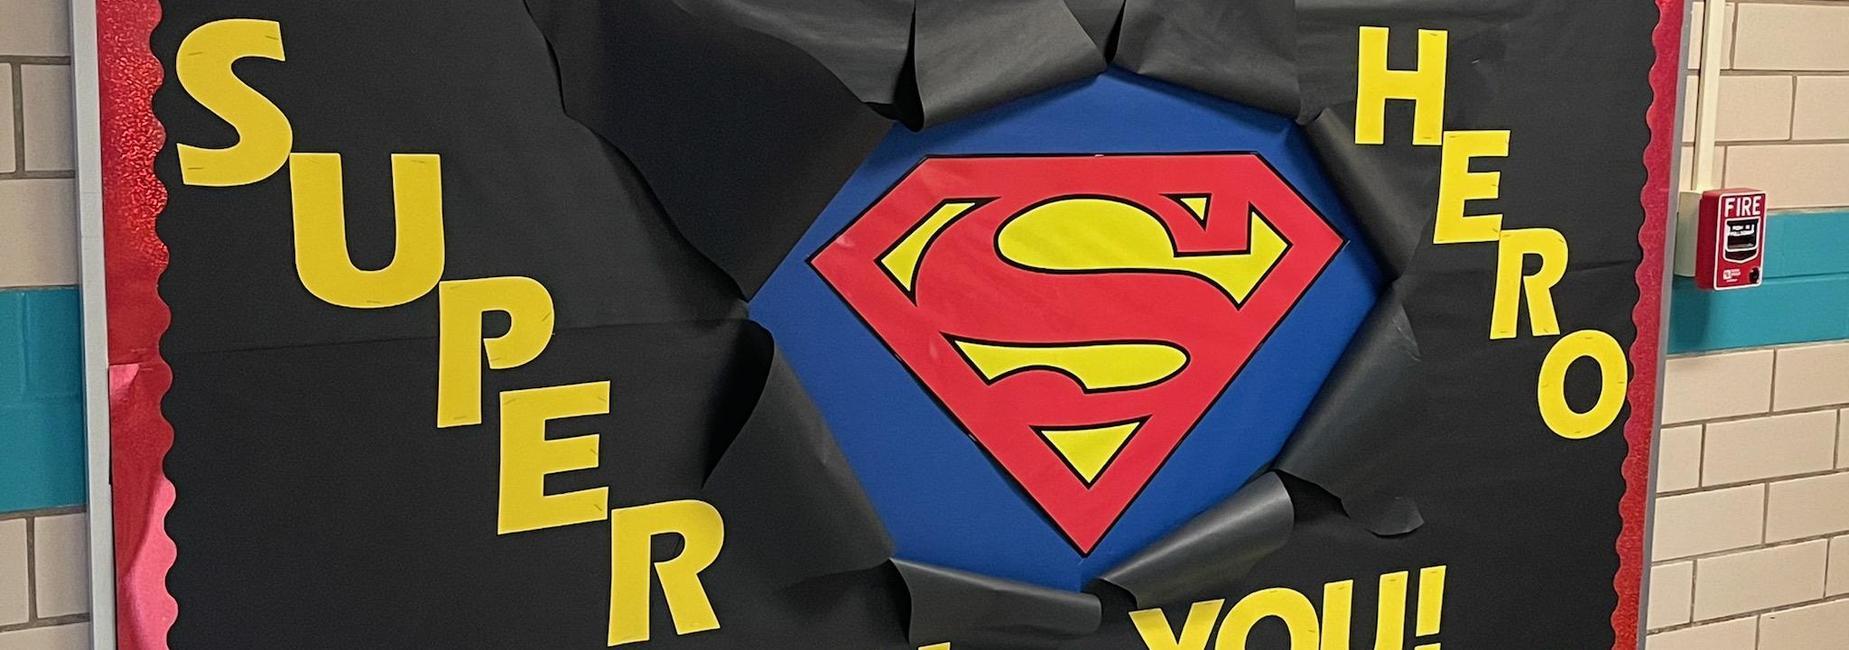 super hero board